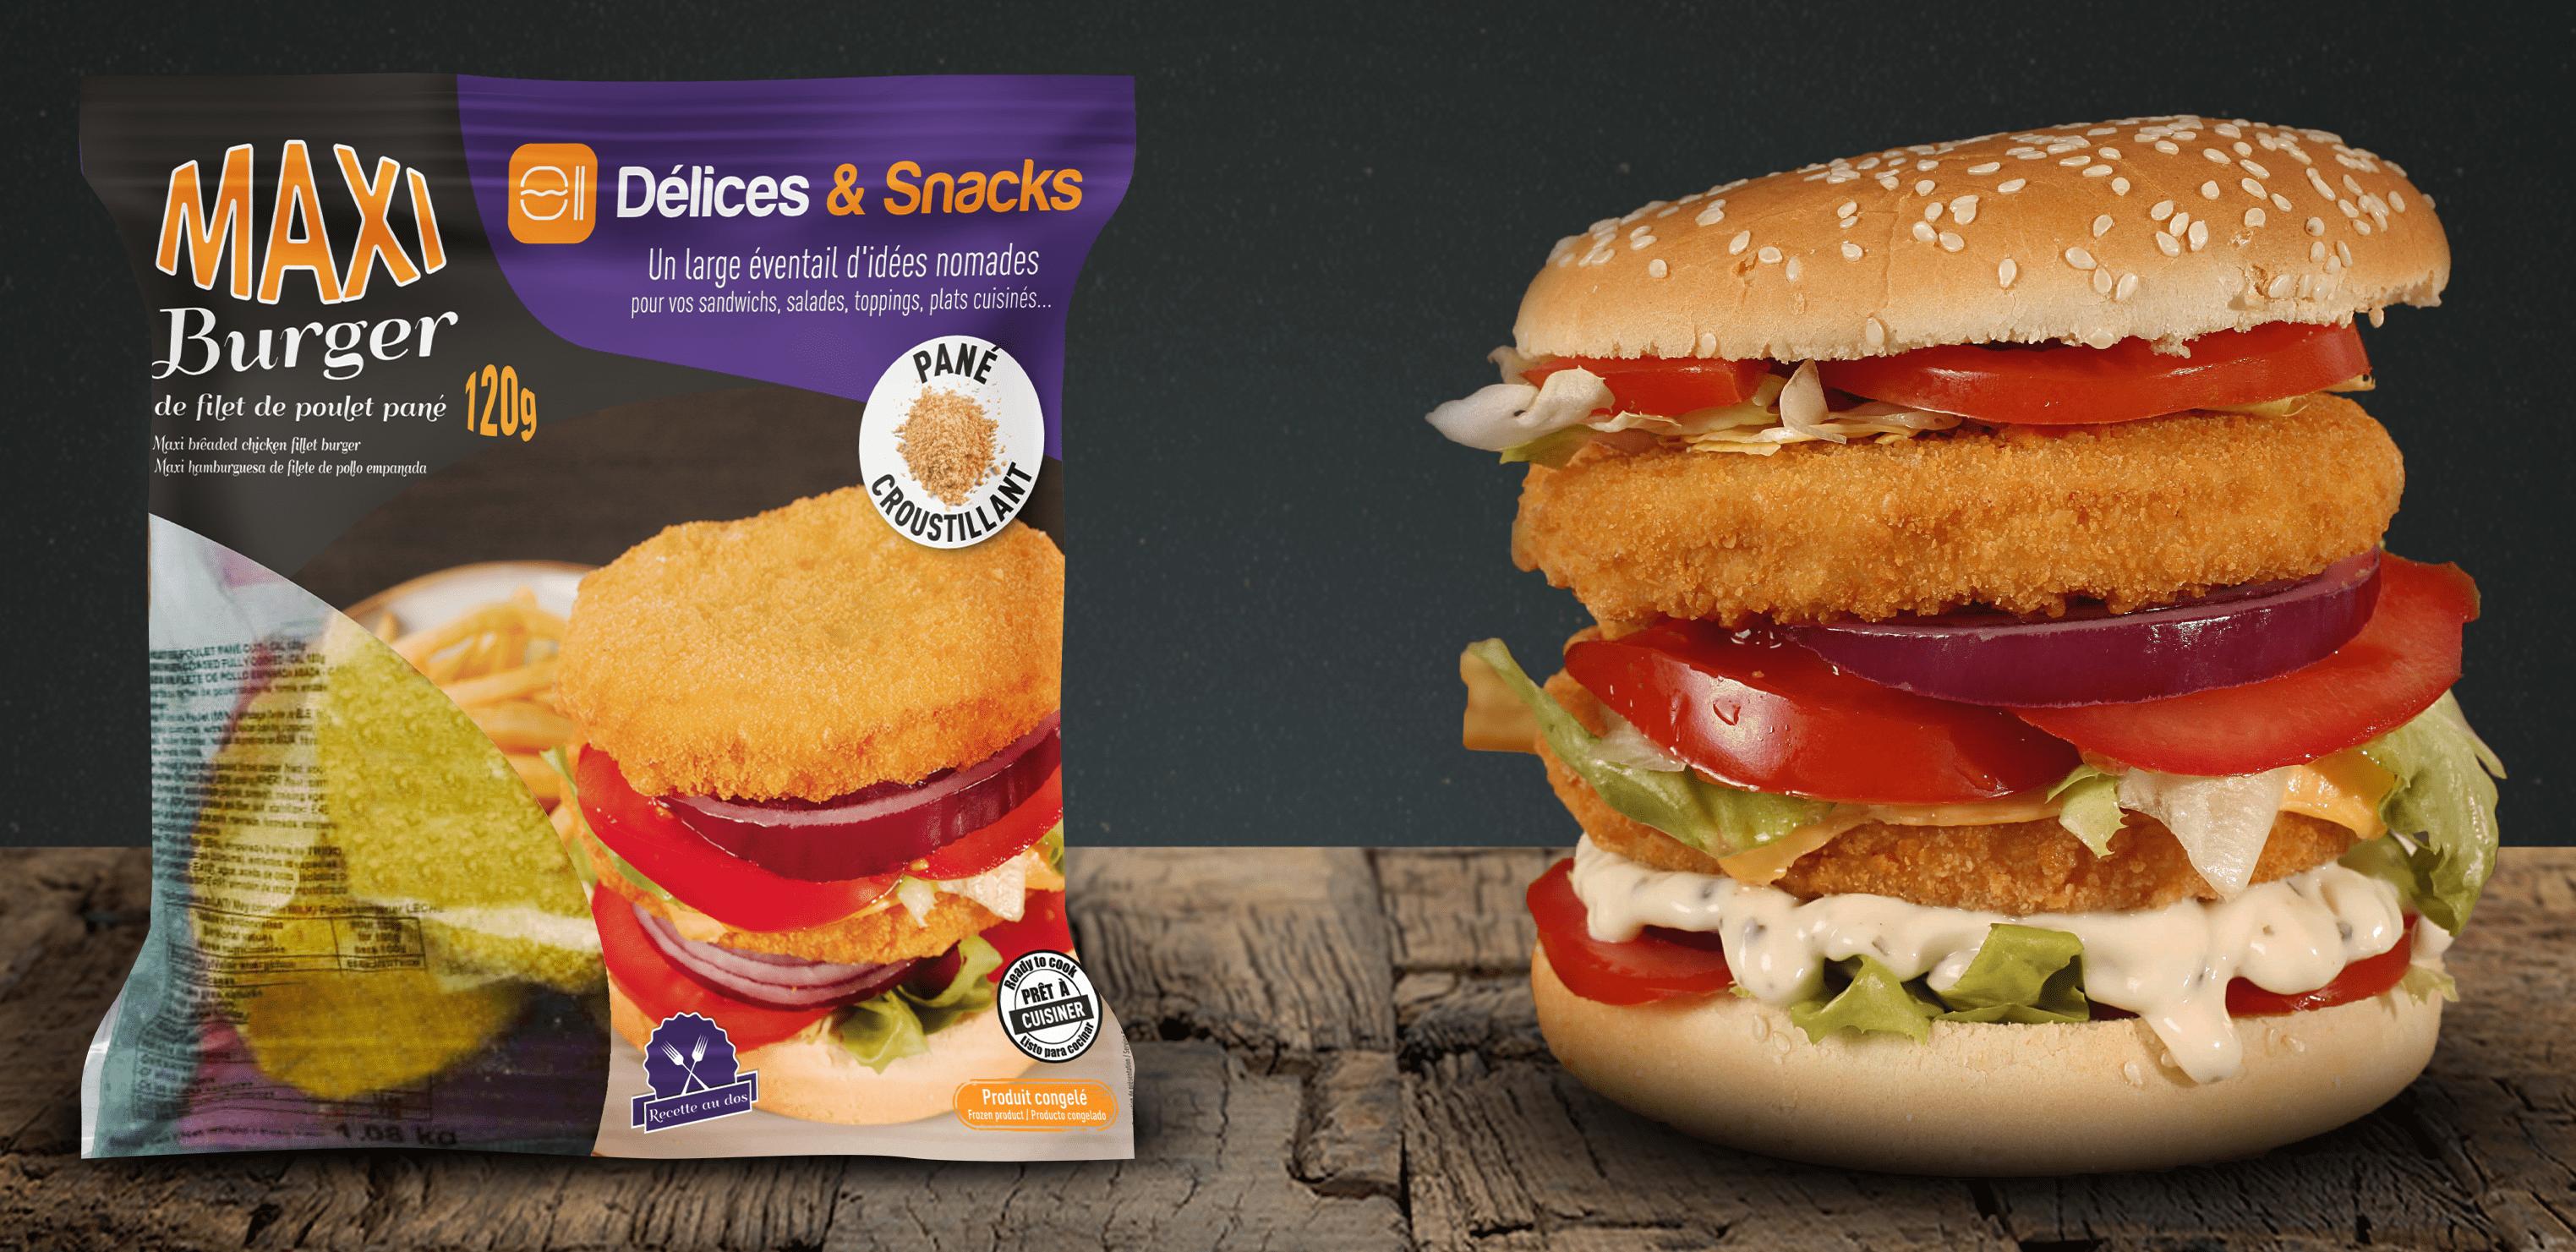 Maxi burger de filet de poulet Délices & Snacks